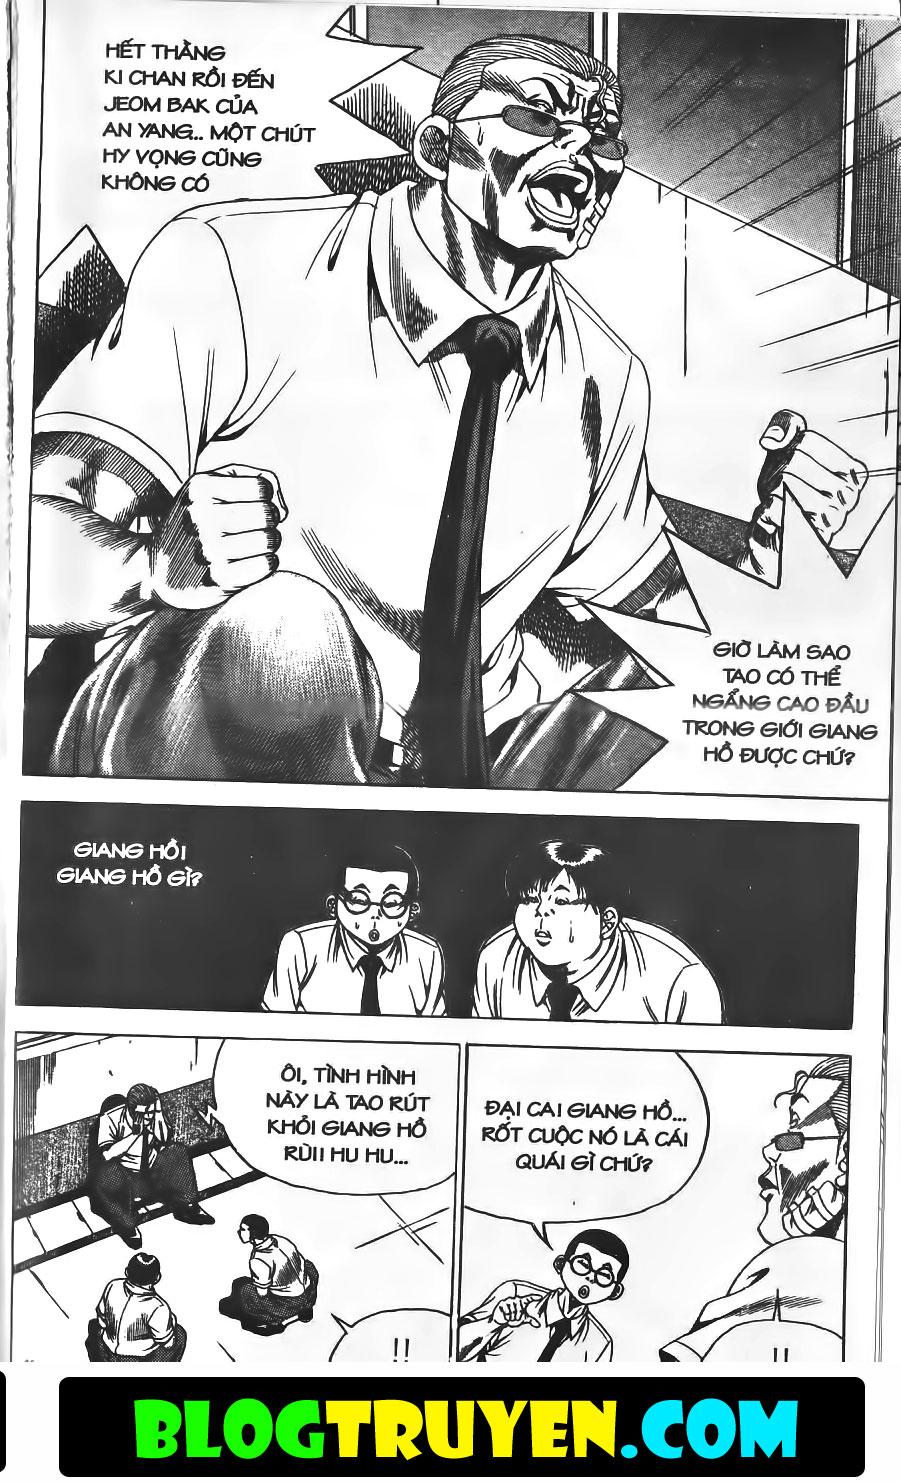 Bitagi - Anh chàng ngổ ngáo chap 148 trang 21